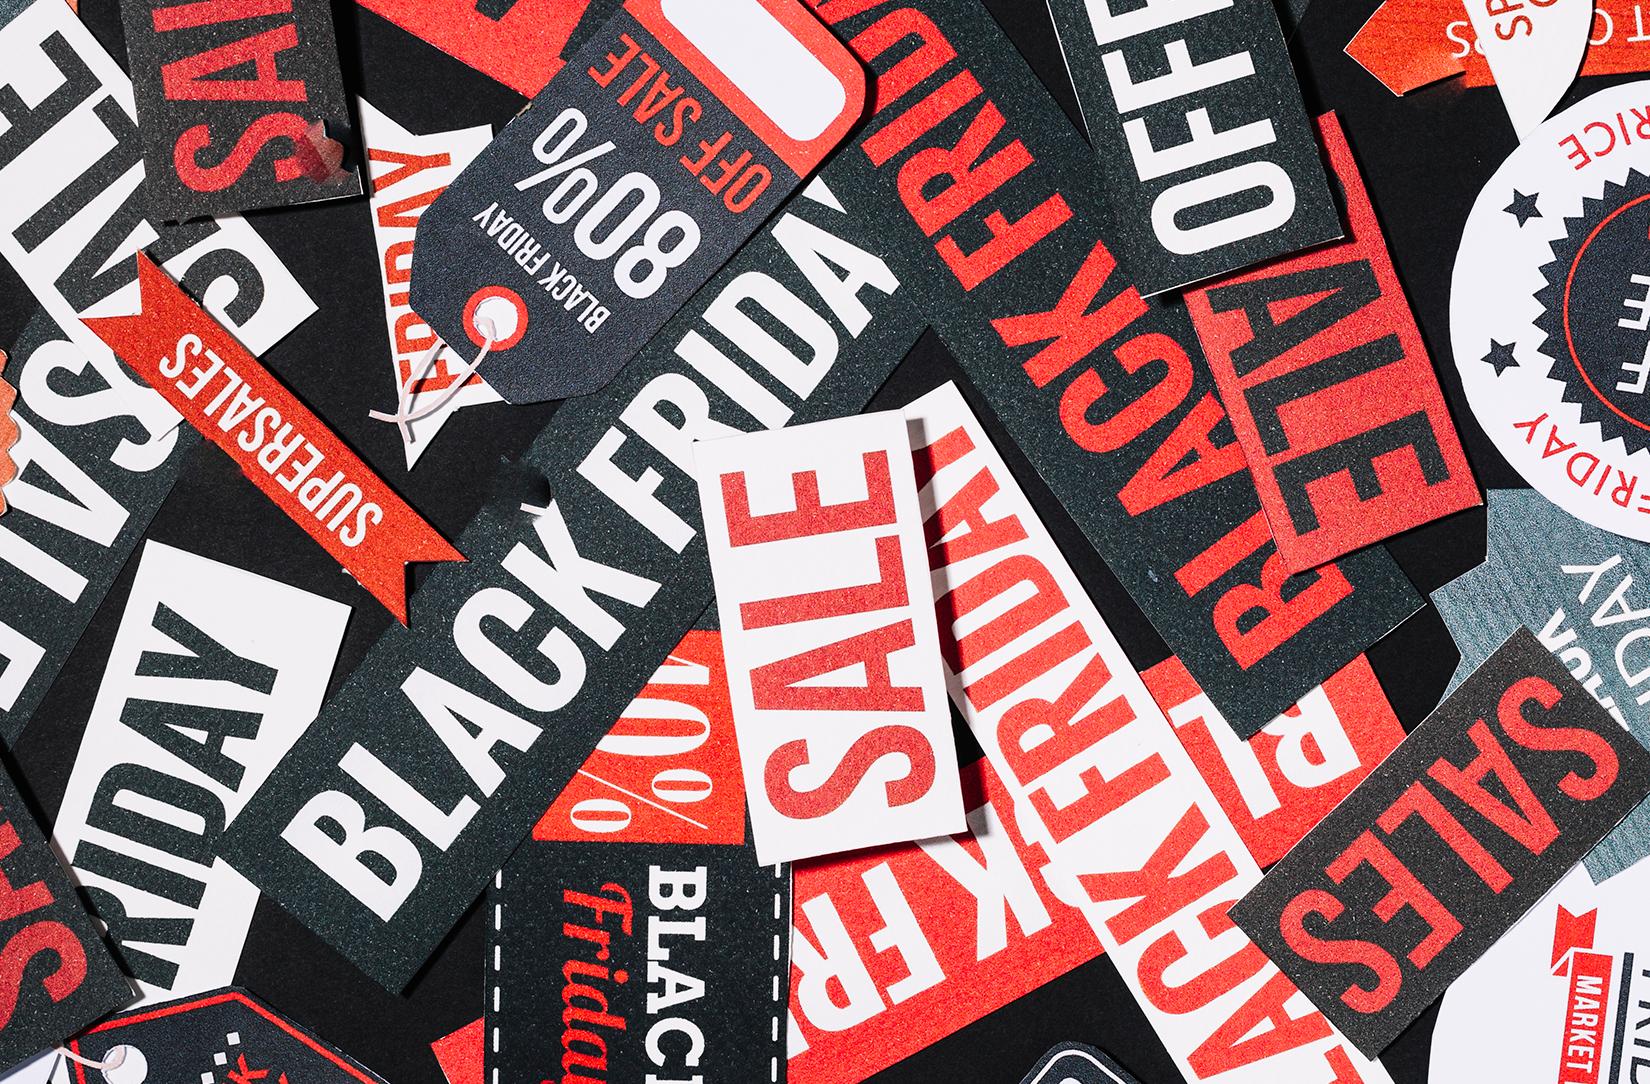 Banner 2 - Dicas para usar as midias sociais e promover as ofertas na black friday